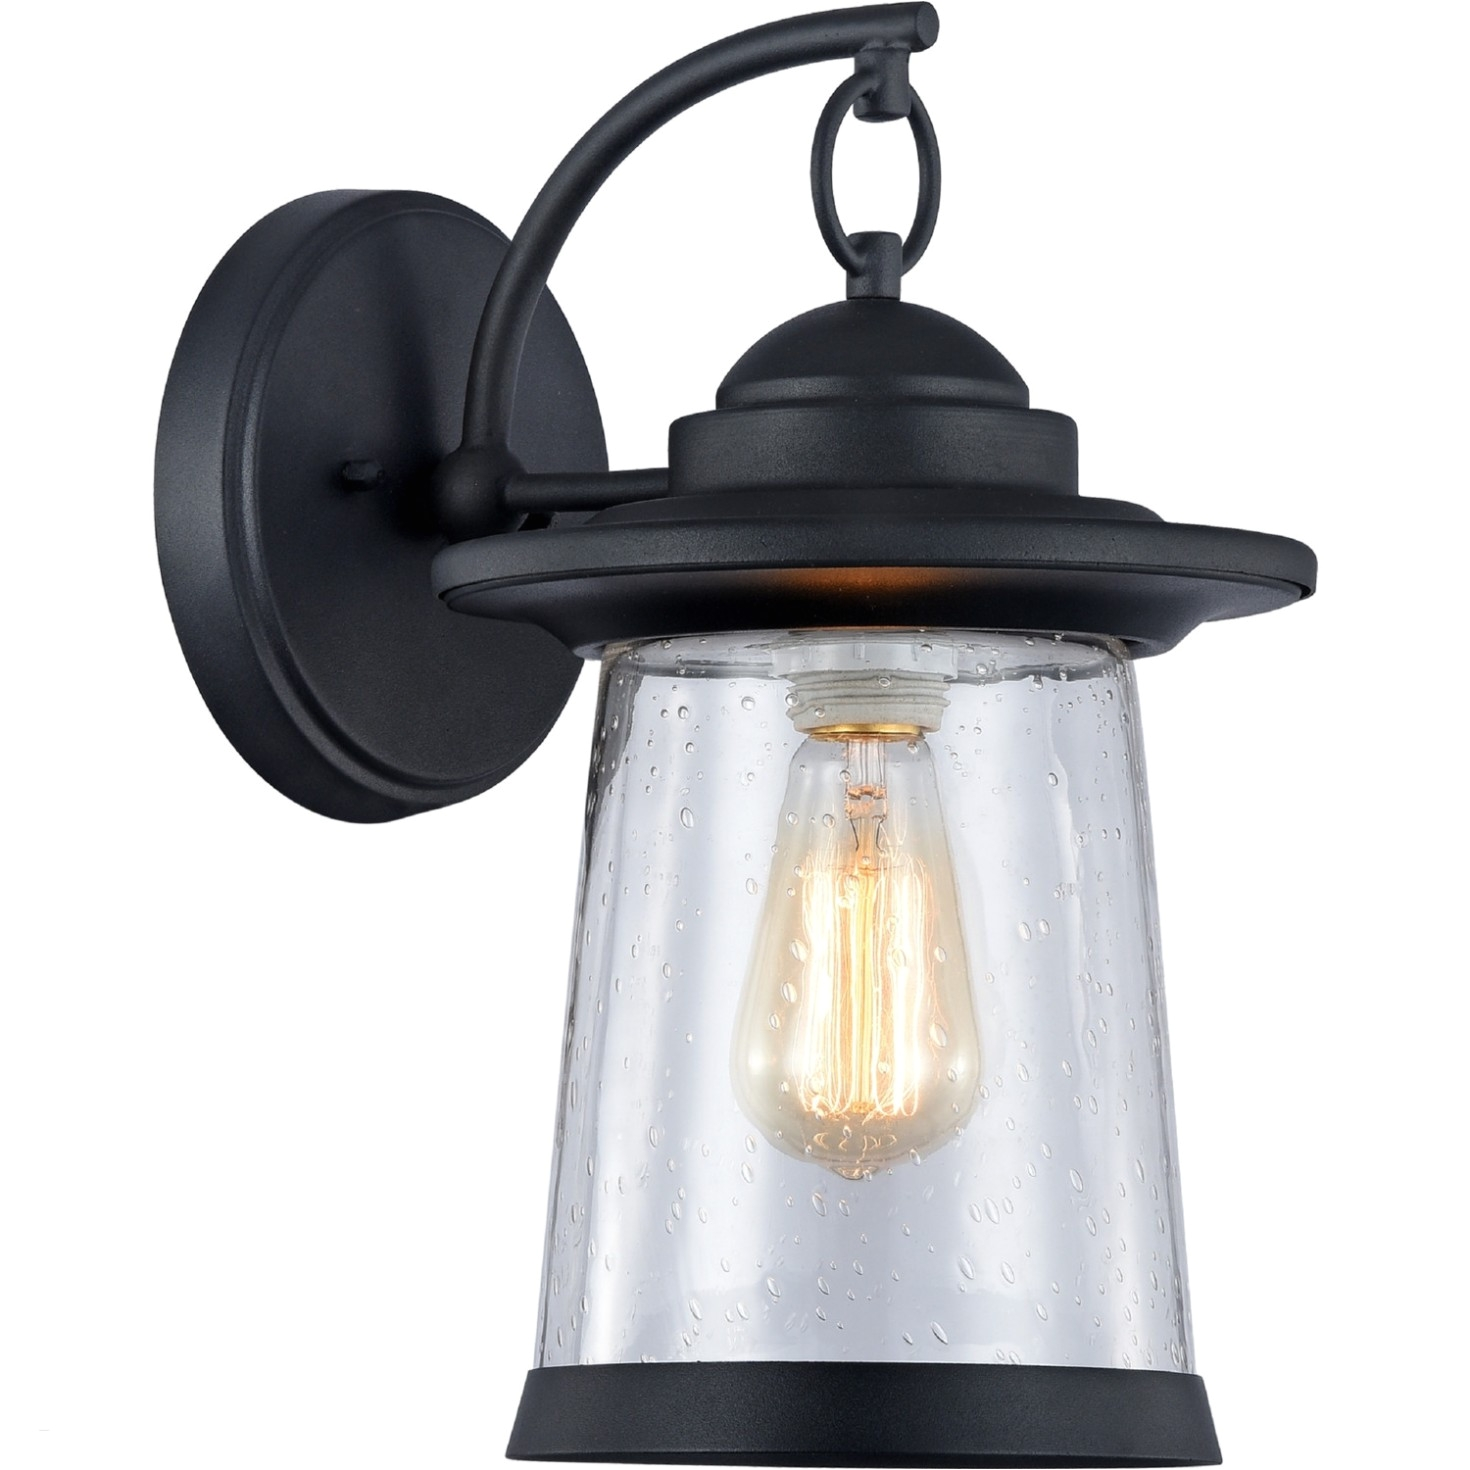 outdoor area lighting fixtures unique outdoor wall lighting fixtures luxury chloe lighting ch bk13 od1 of